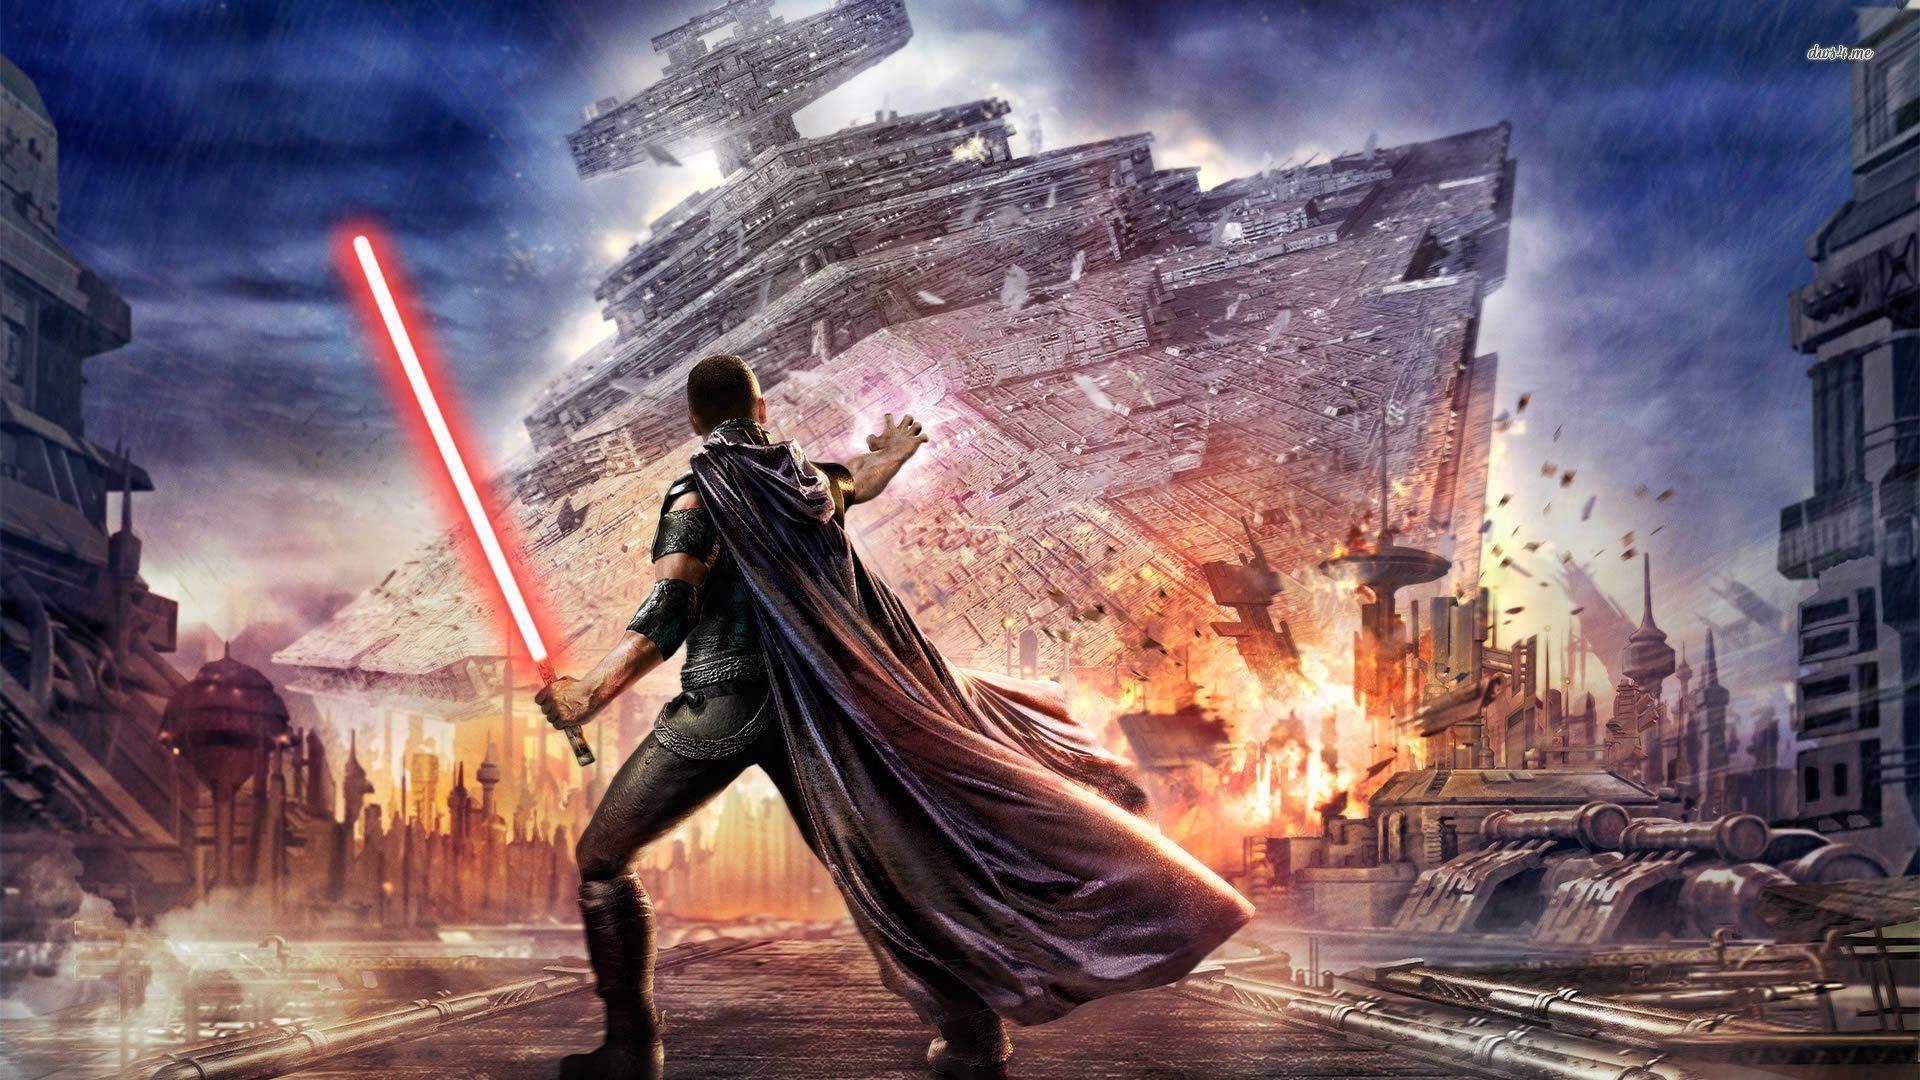 Starkiller brings down a Star Destroyer Star wars